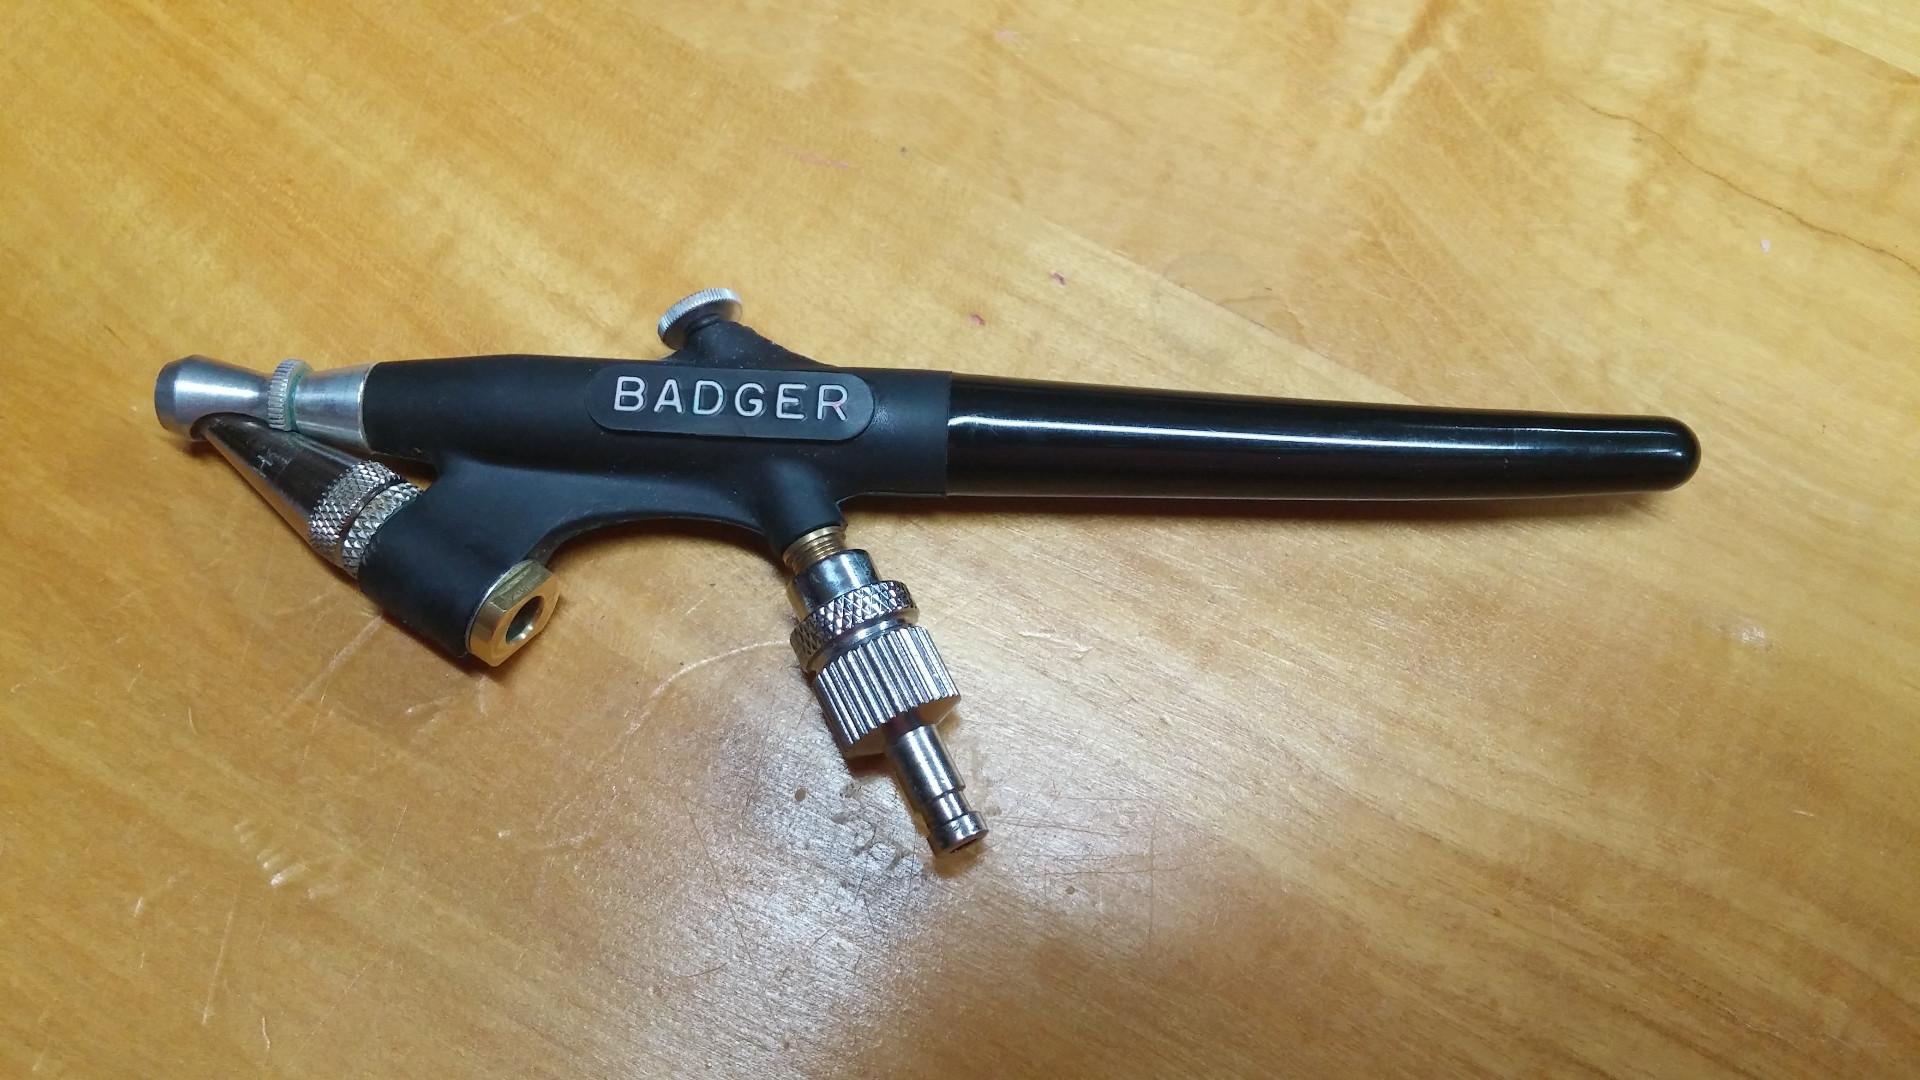 20170305_201213-Badger 350.jpg